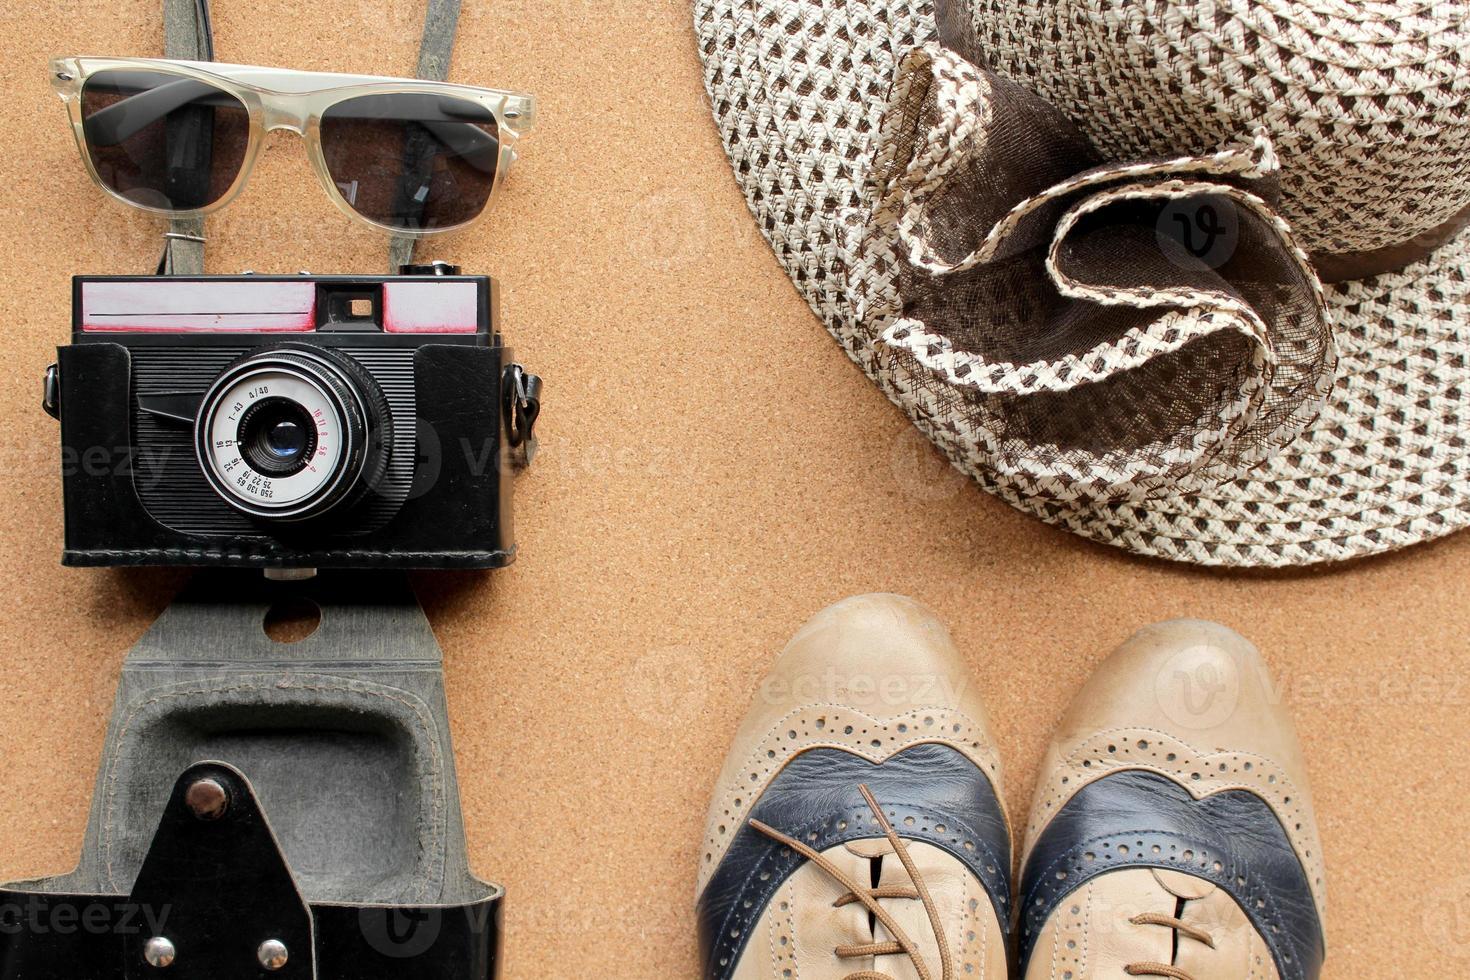 scarpe, cappello, macchina fotografica e occhiali da sole hipster foto